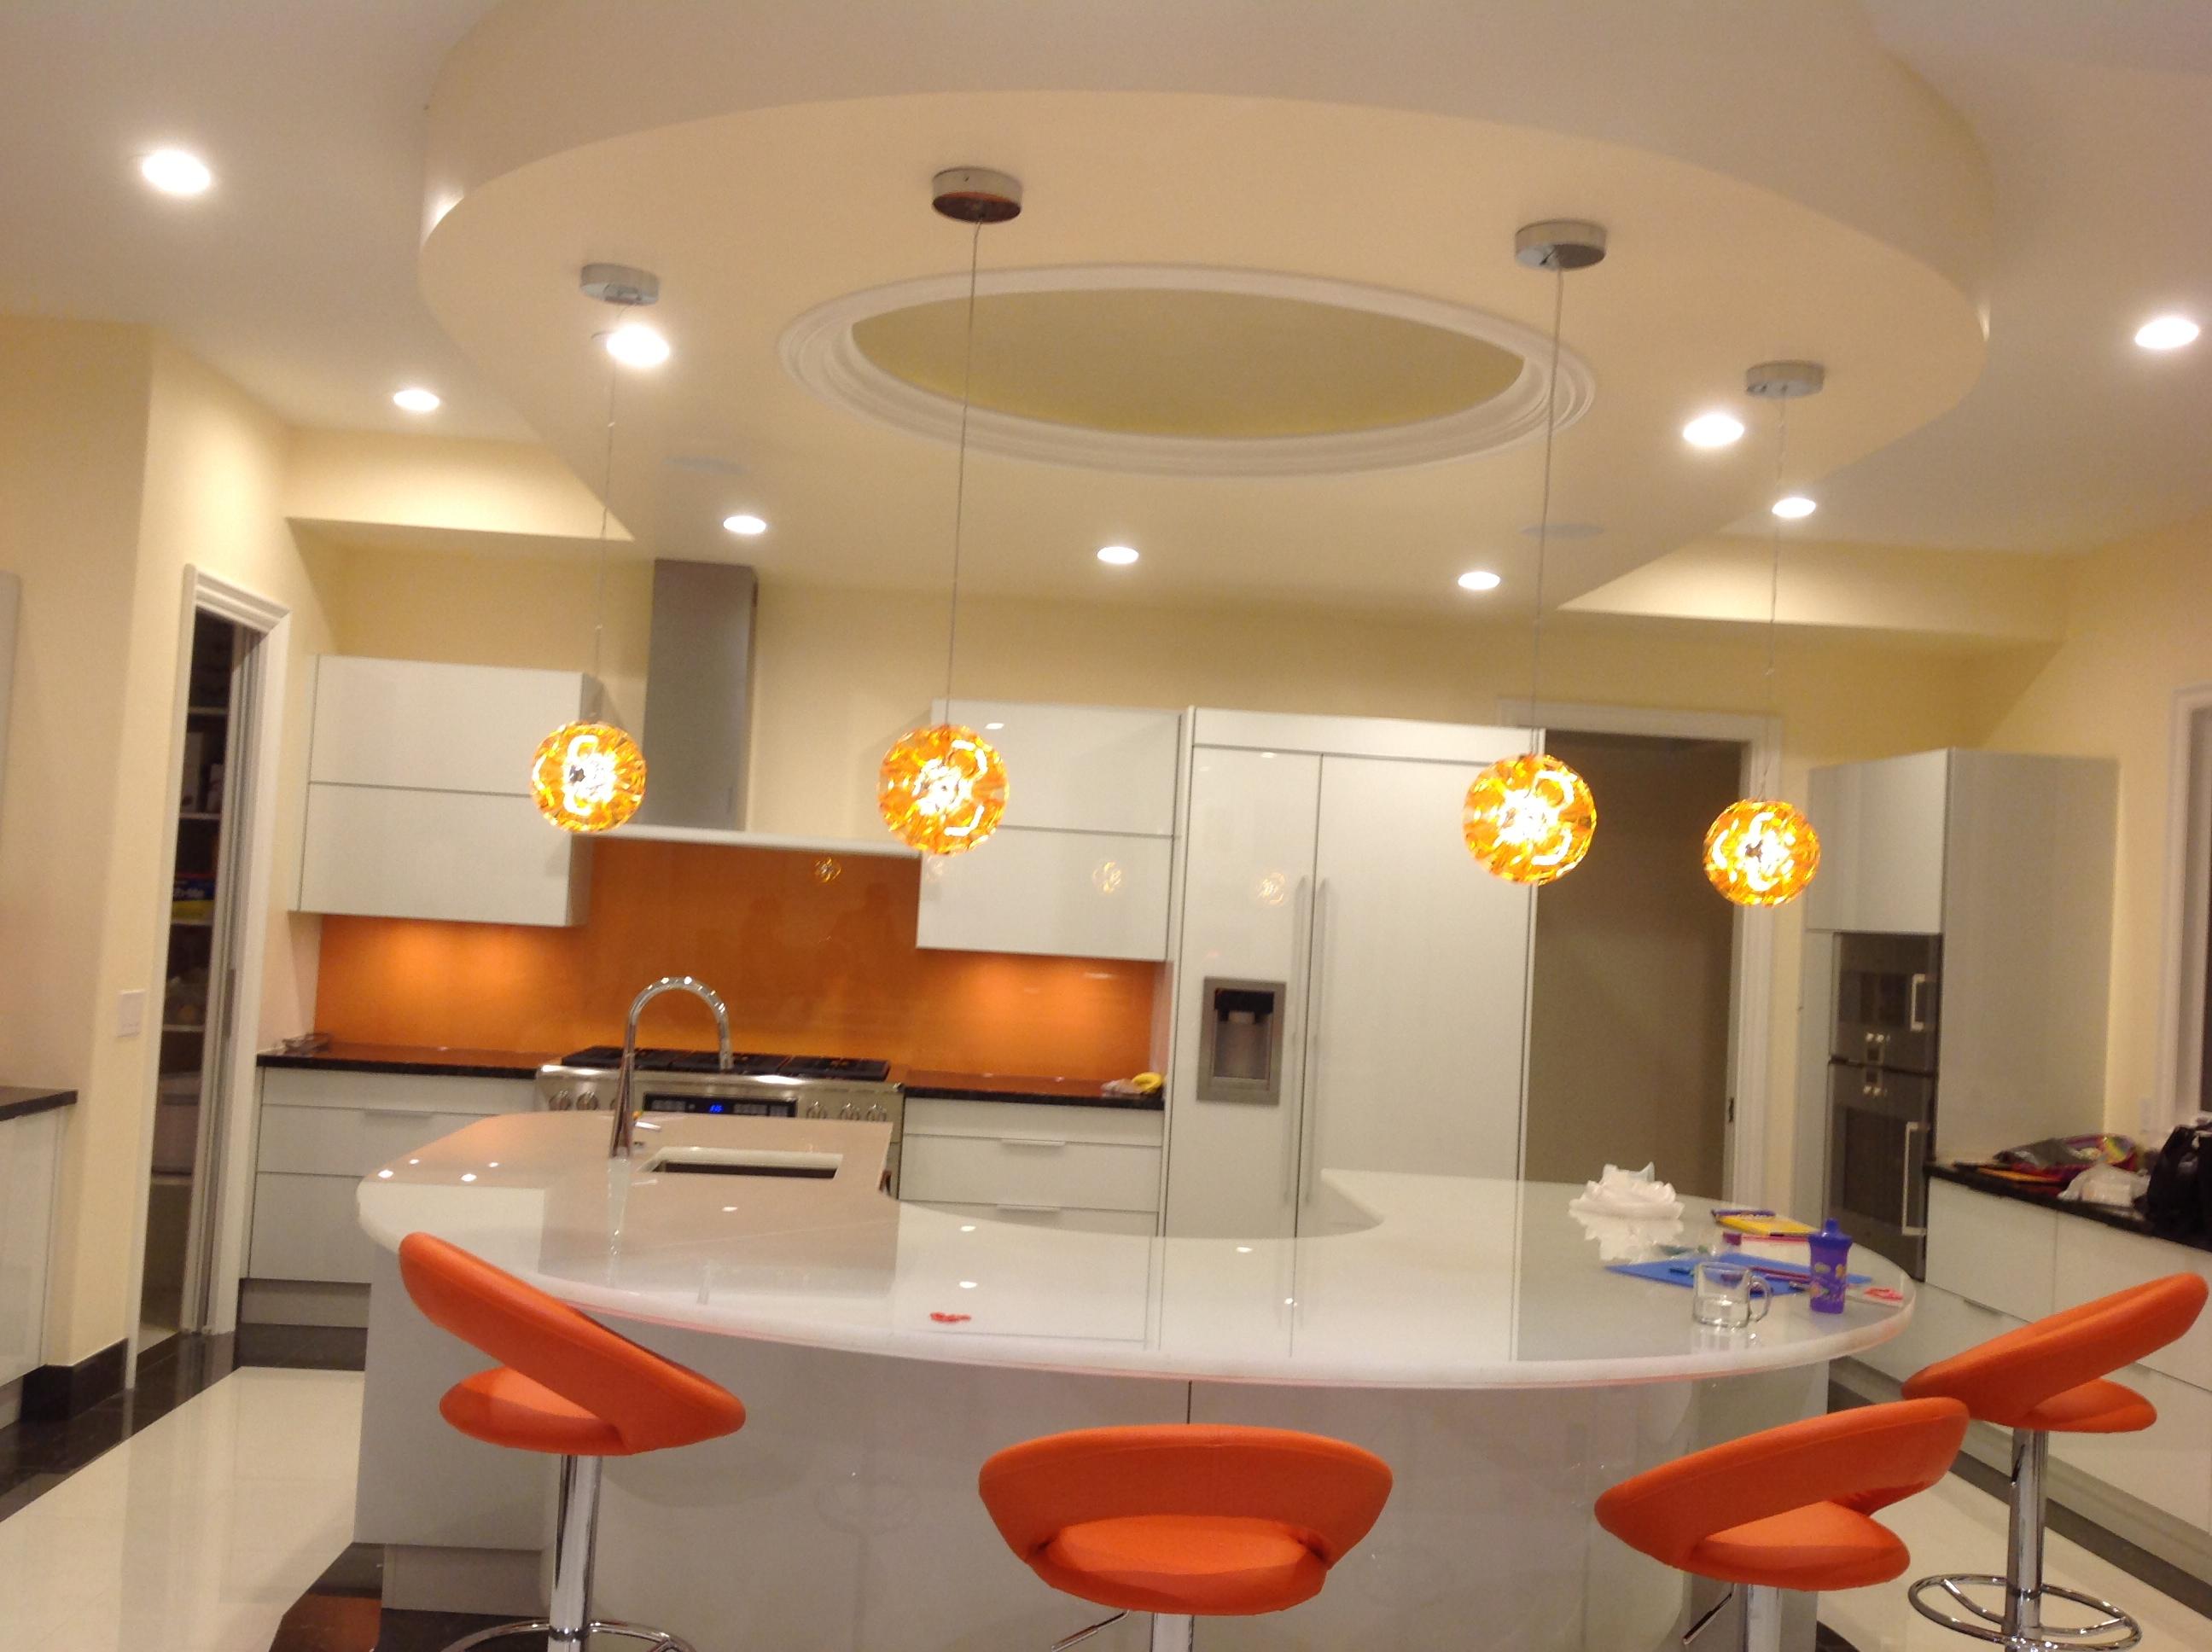 Kitchen Lights On